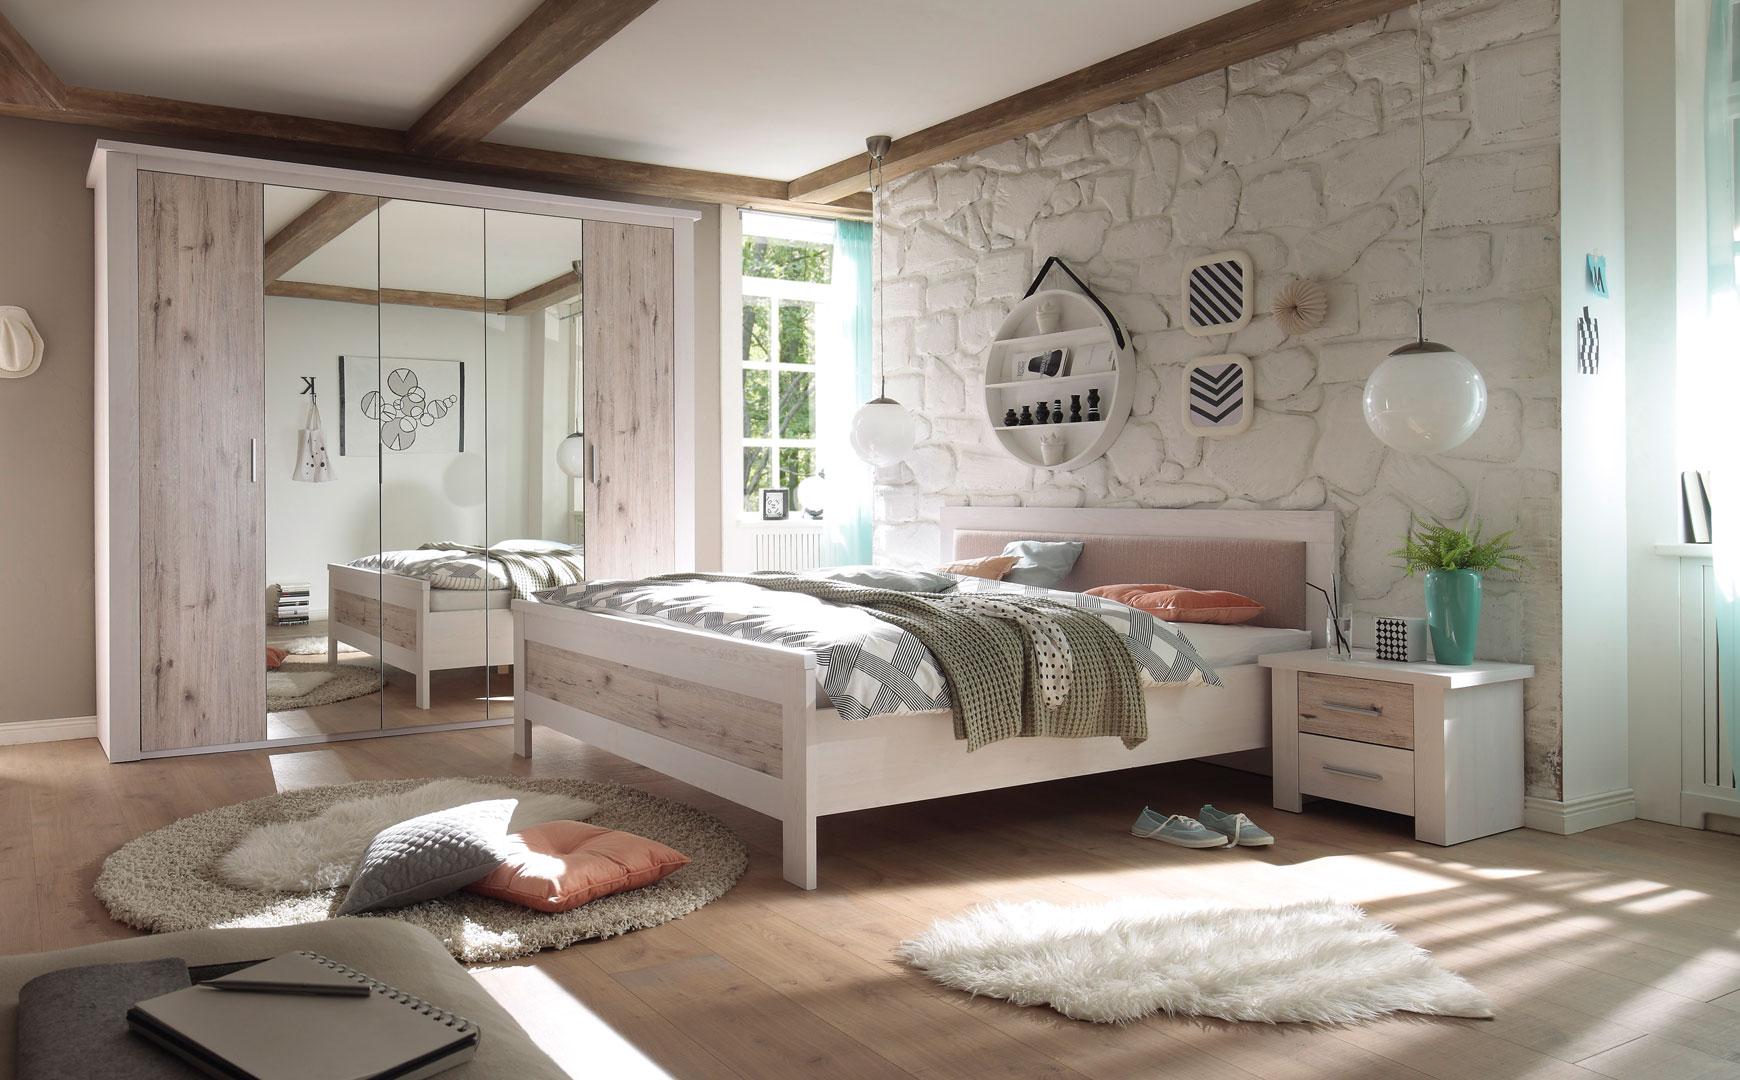 Ce obiecte de mobilier sunt necesare in dormitor?